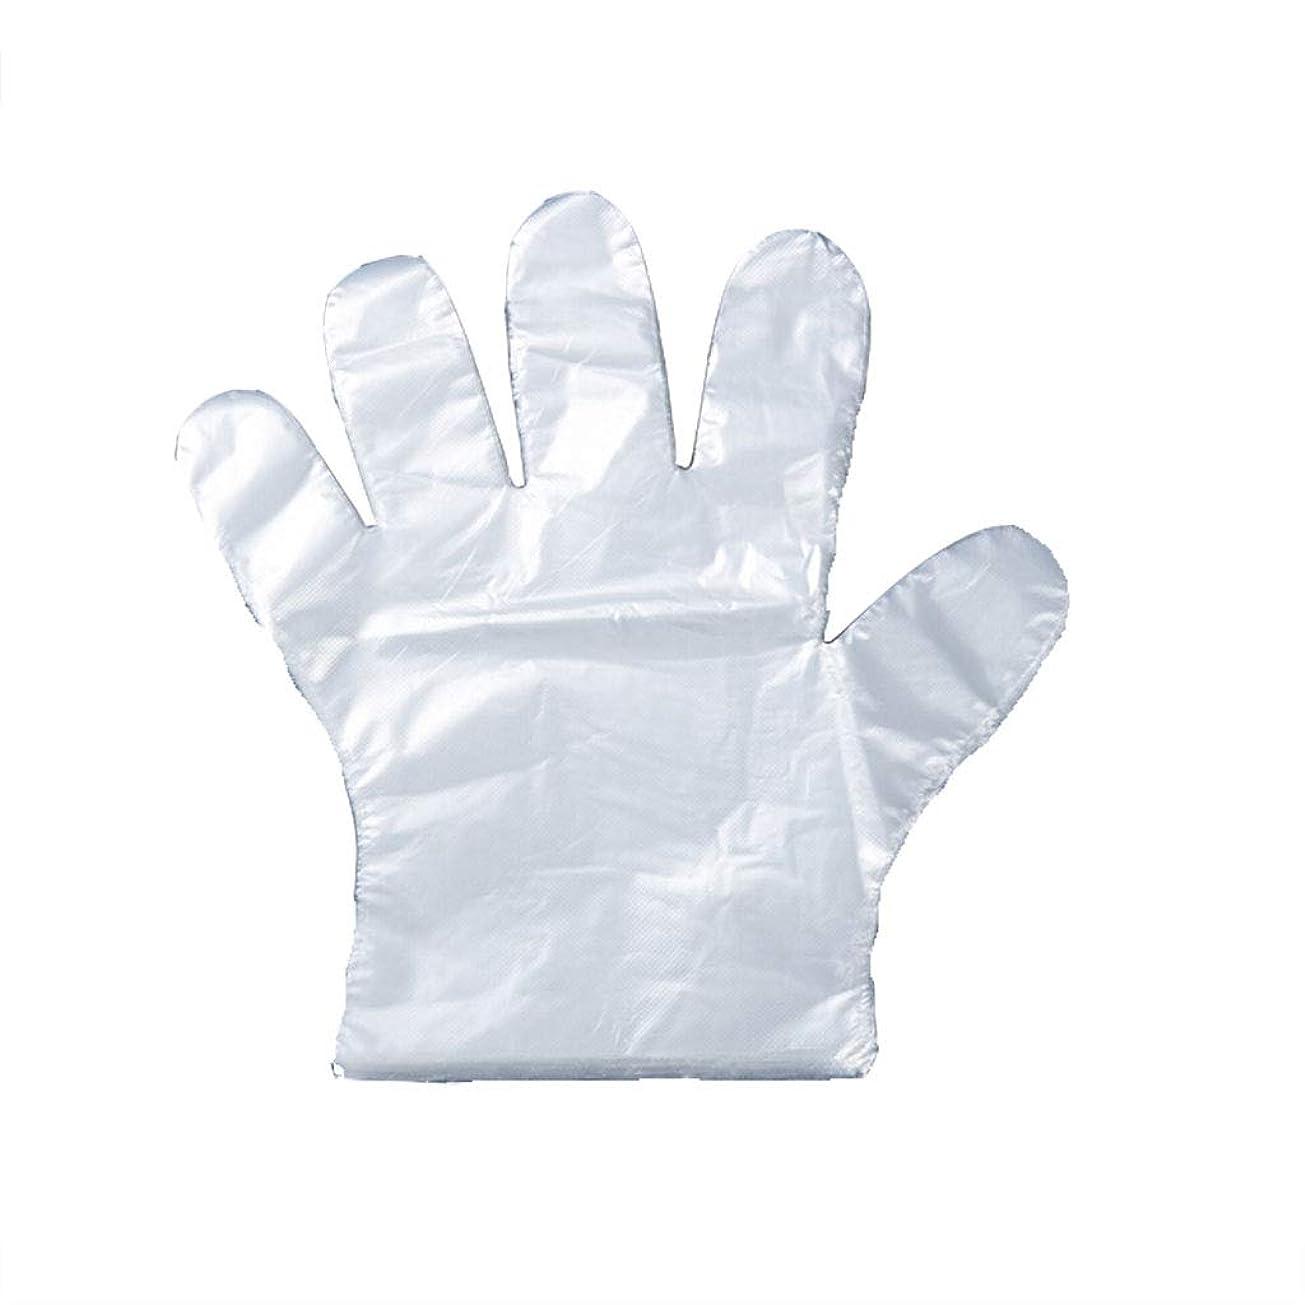 のホスト寺院その間手袋、使い捨て手袋、食堂、髪および肥厚手袋PVC手袋は、1000倍になった。